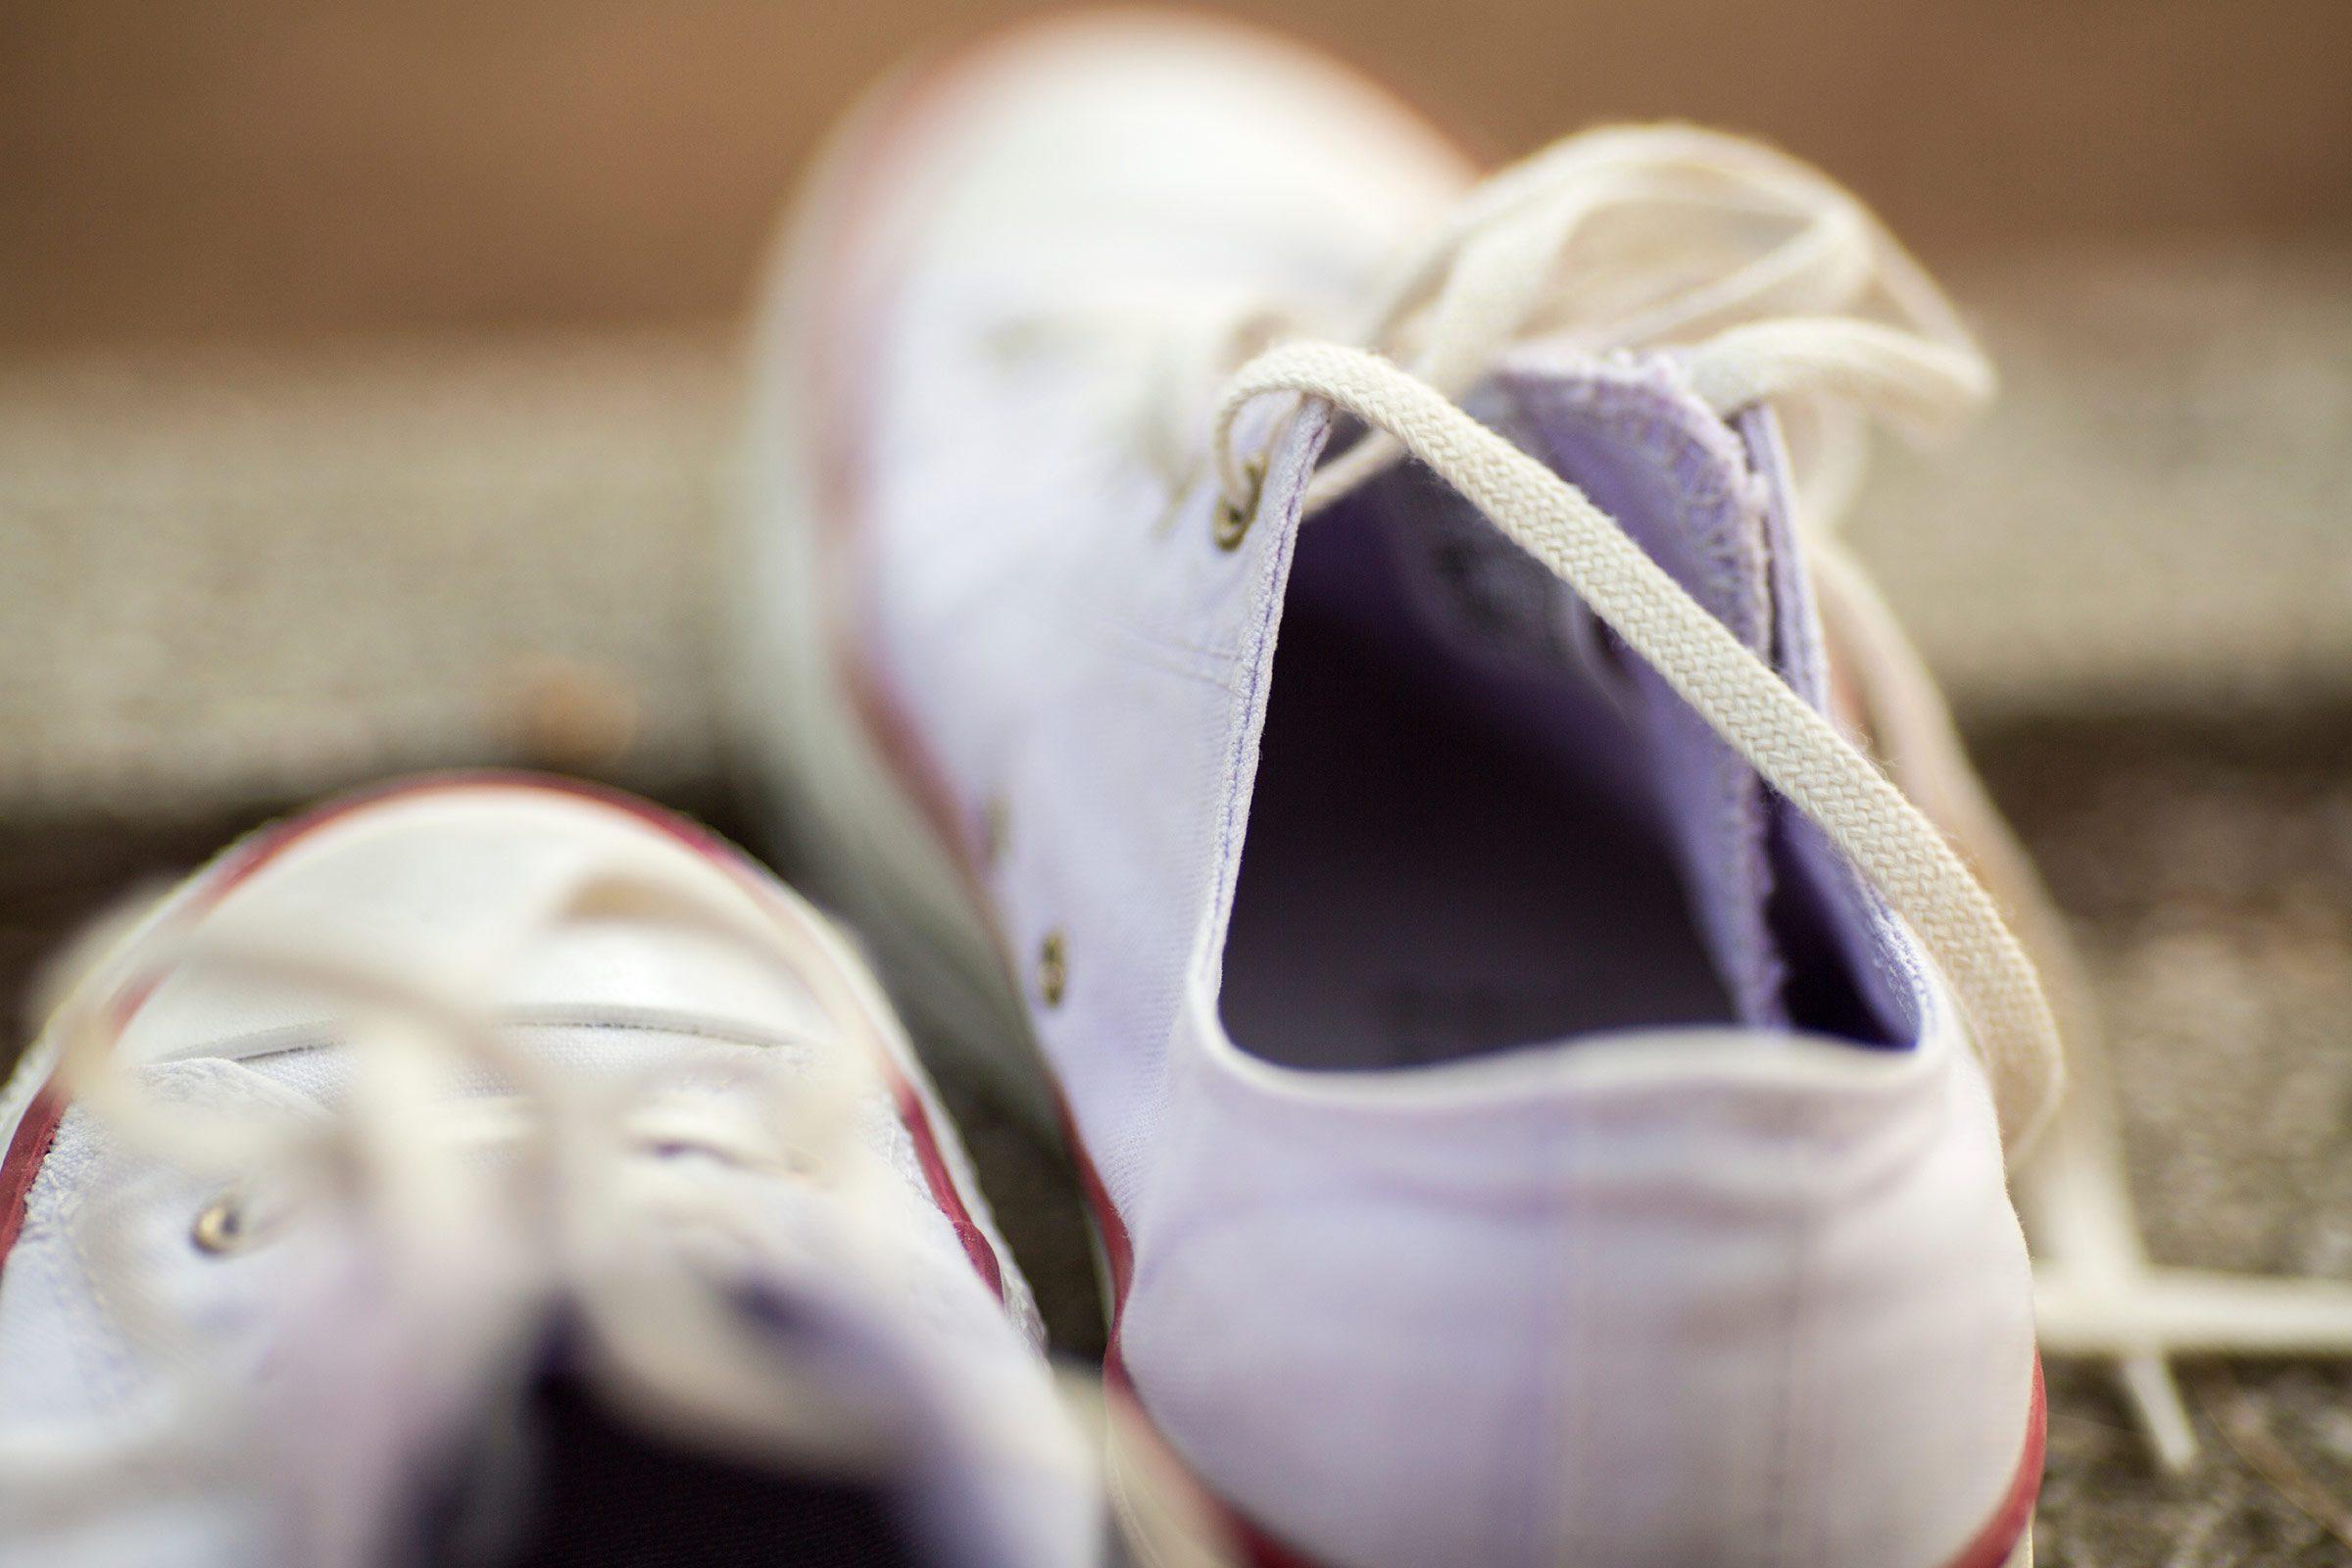 Les chaussures de sport peuvent être lavées à la machine.